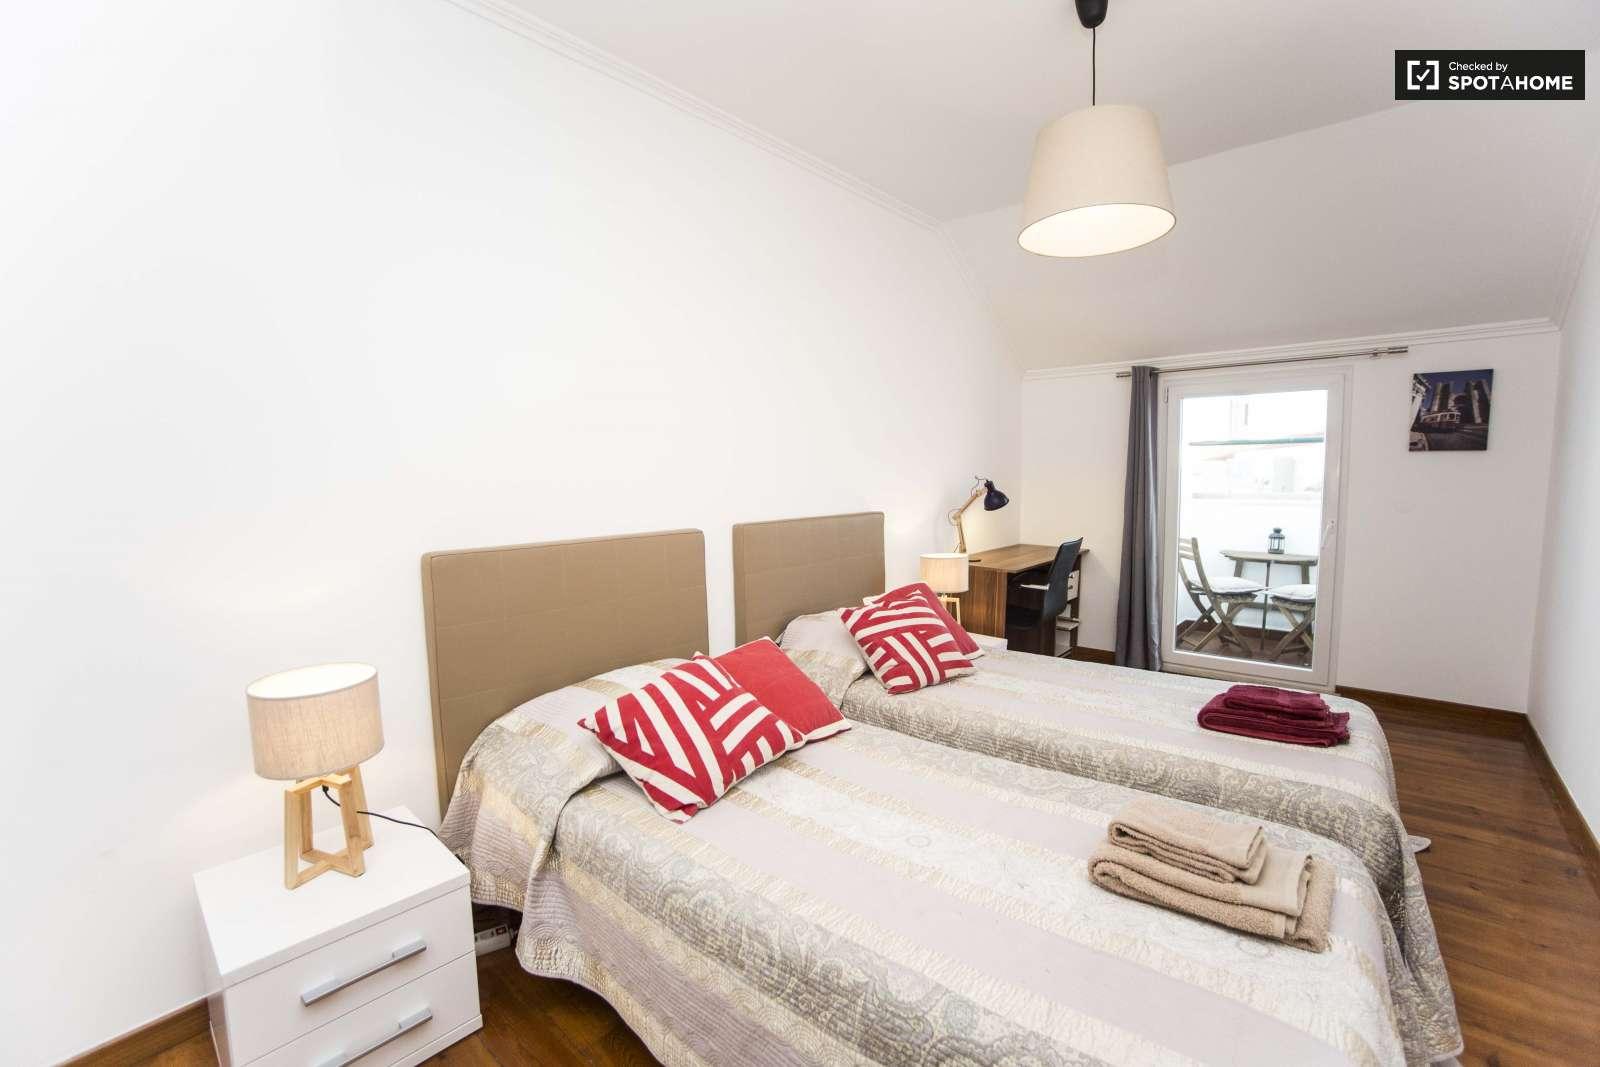 Habitación compartida por 4 personas con 3 camas.